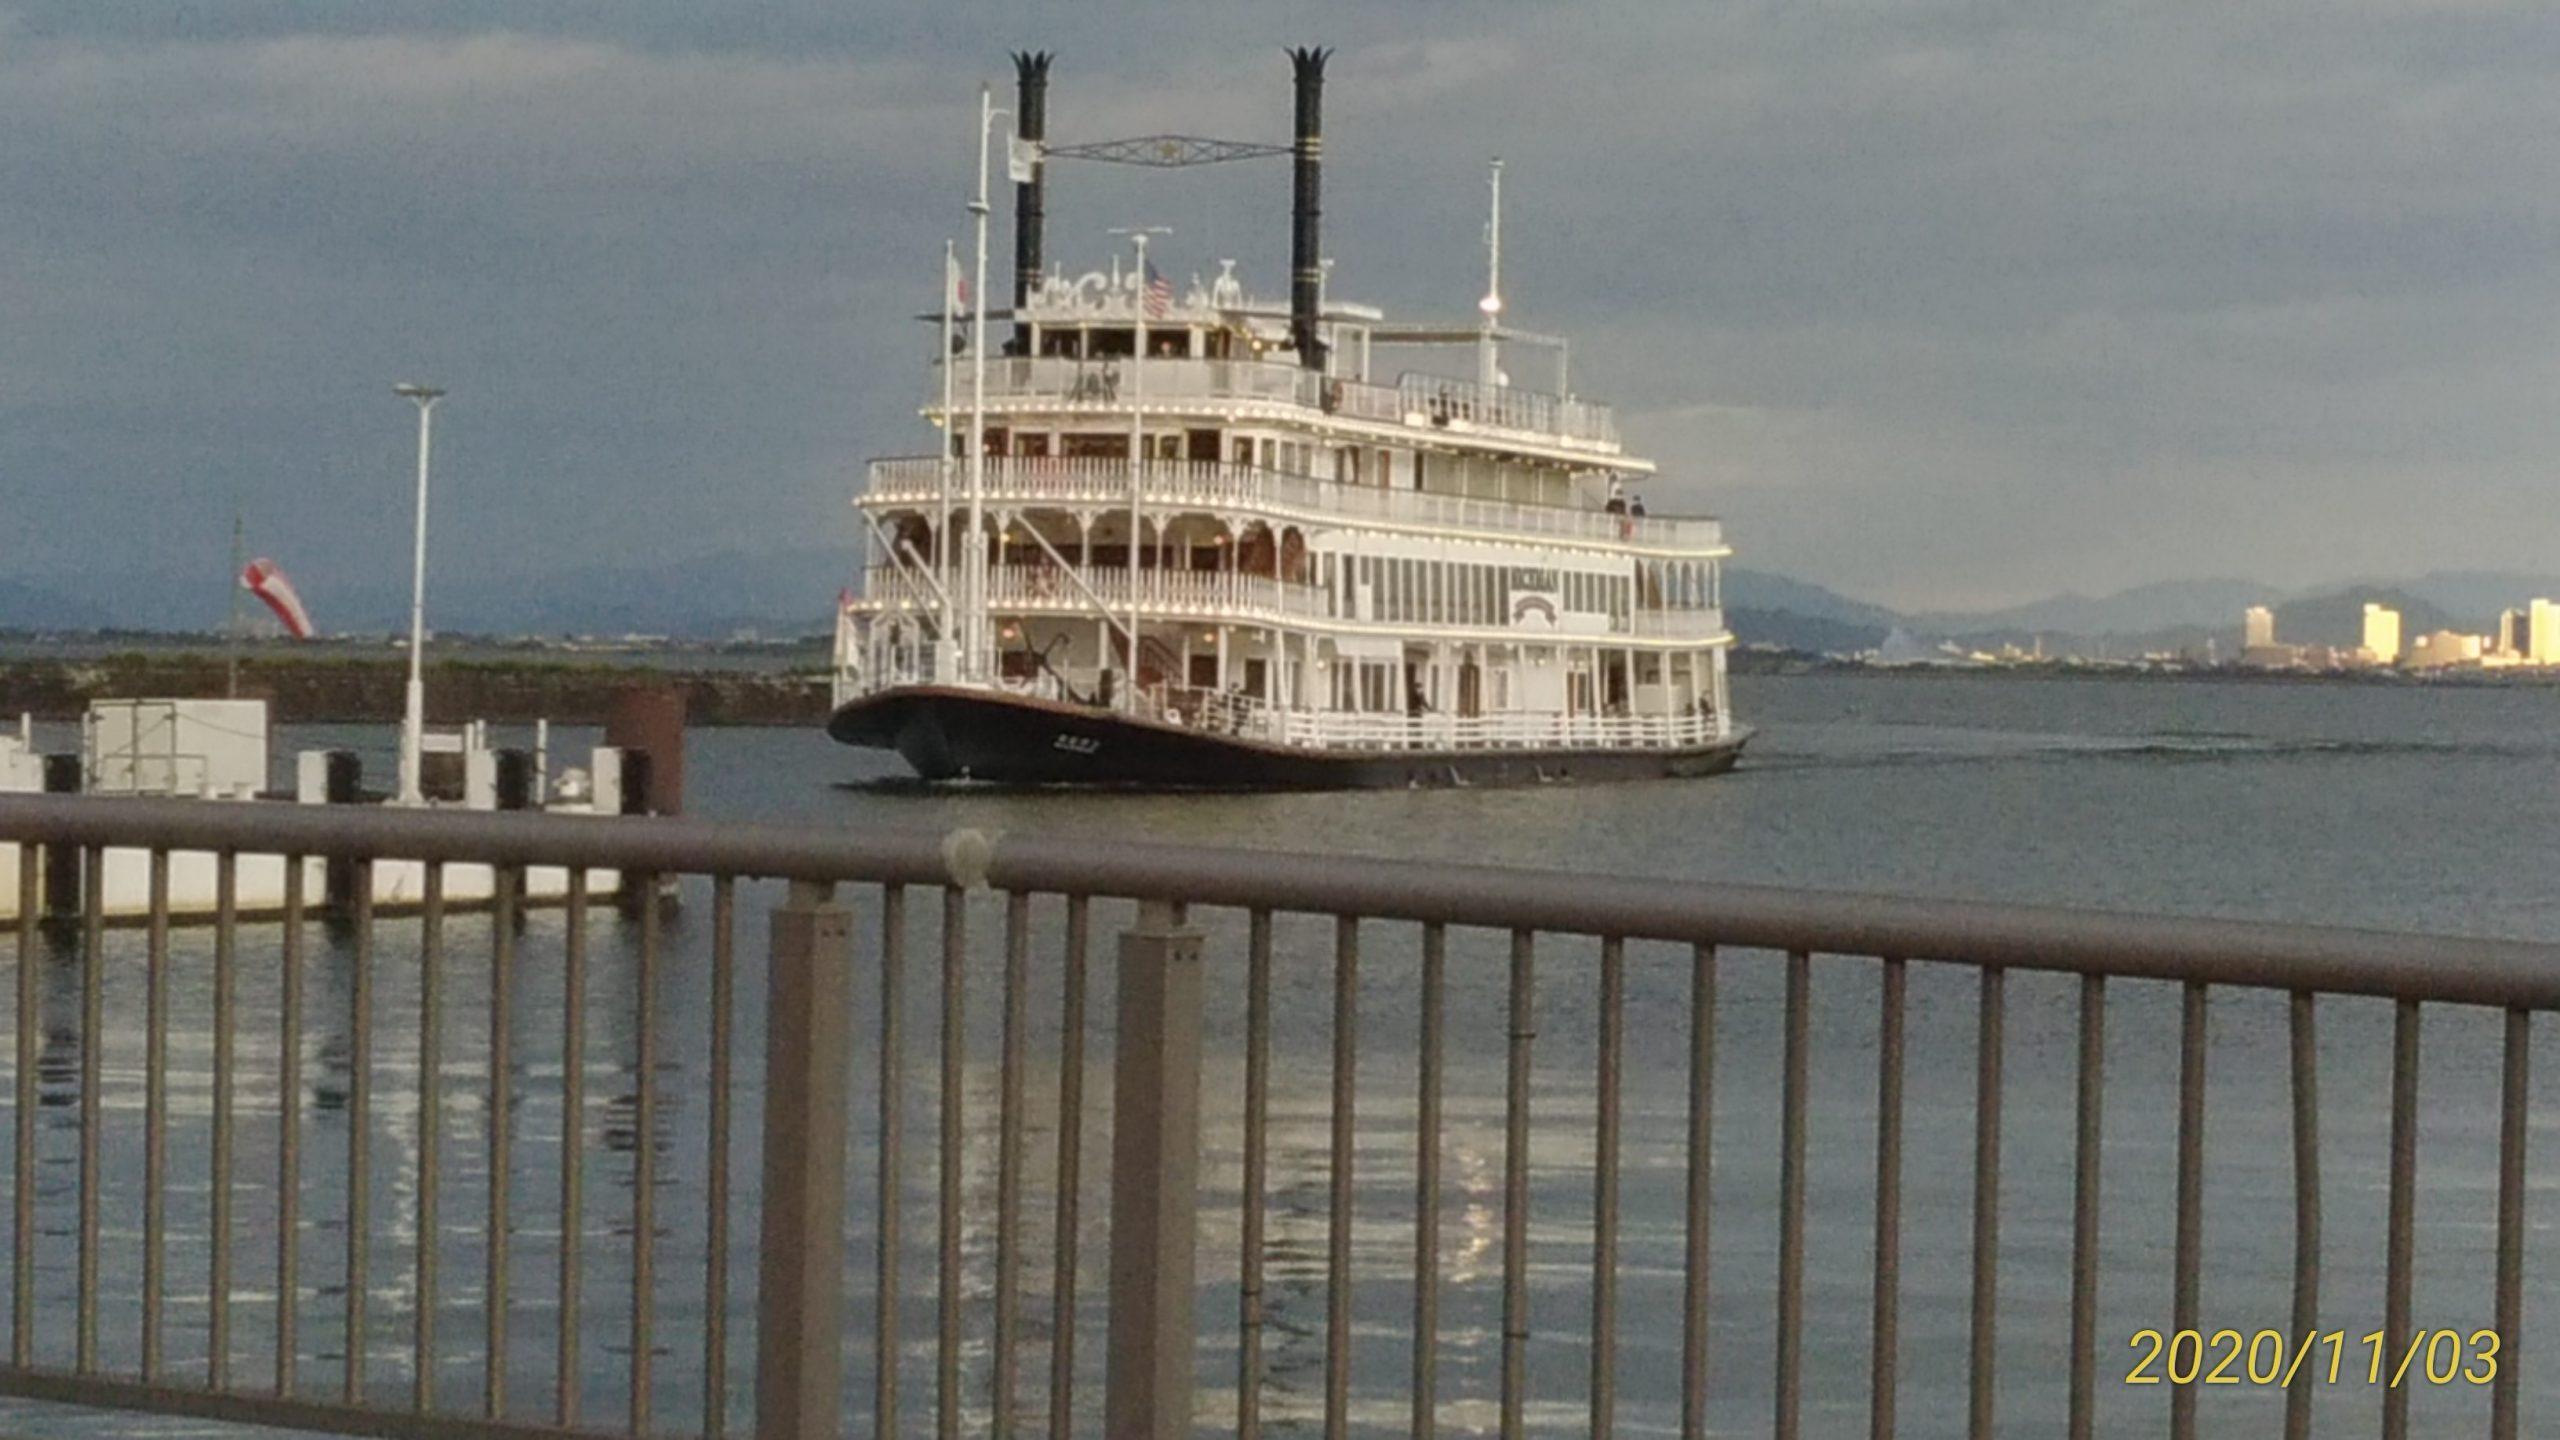 滋賀県琵琶湖でクルーズを体験なら琵琶湖汽船へ。ミシガンクルーズ